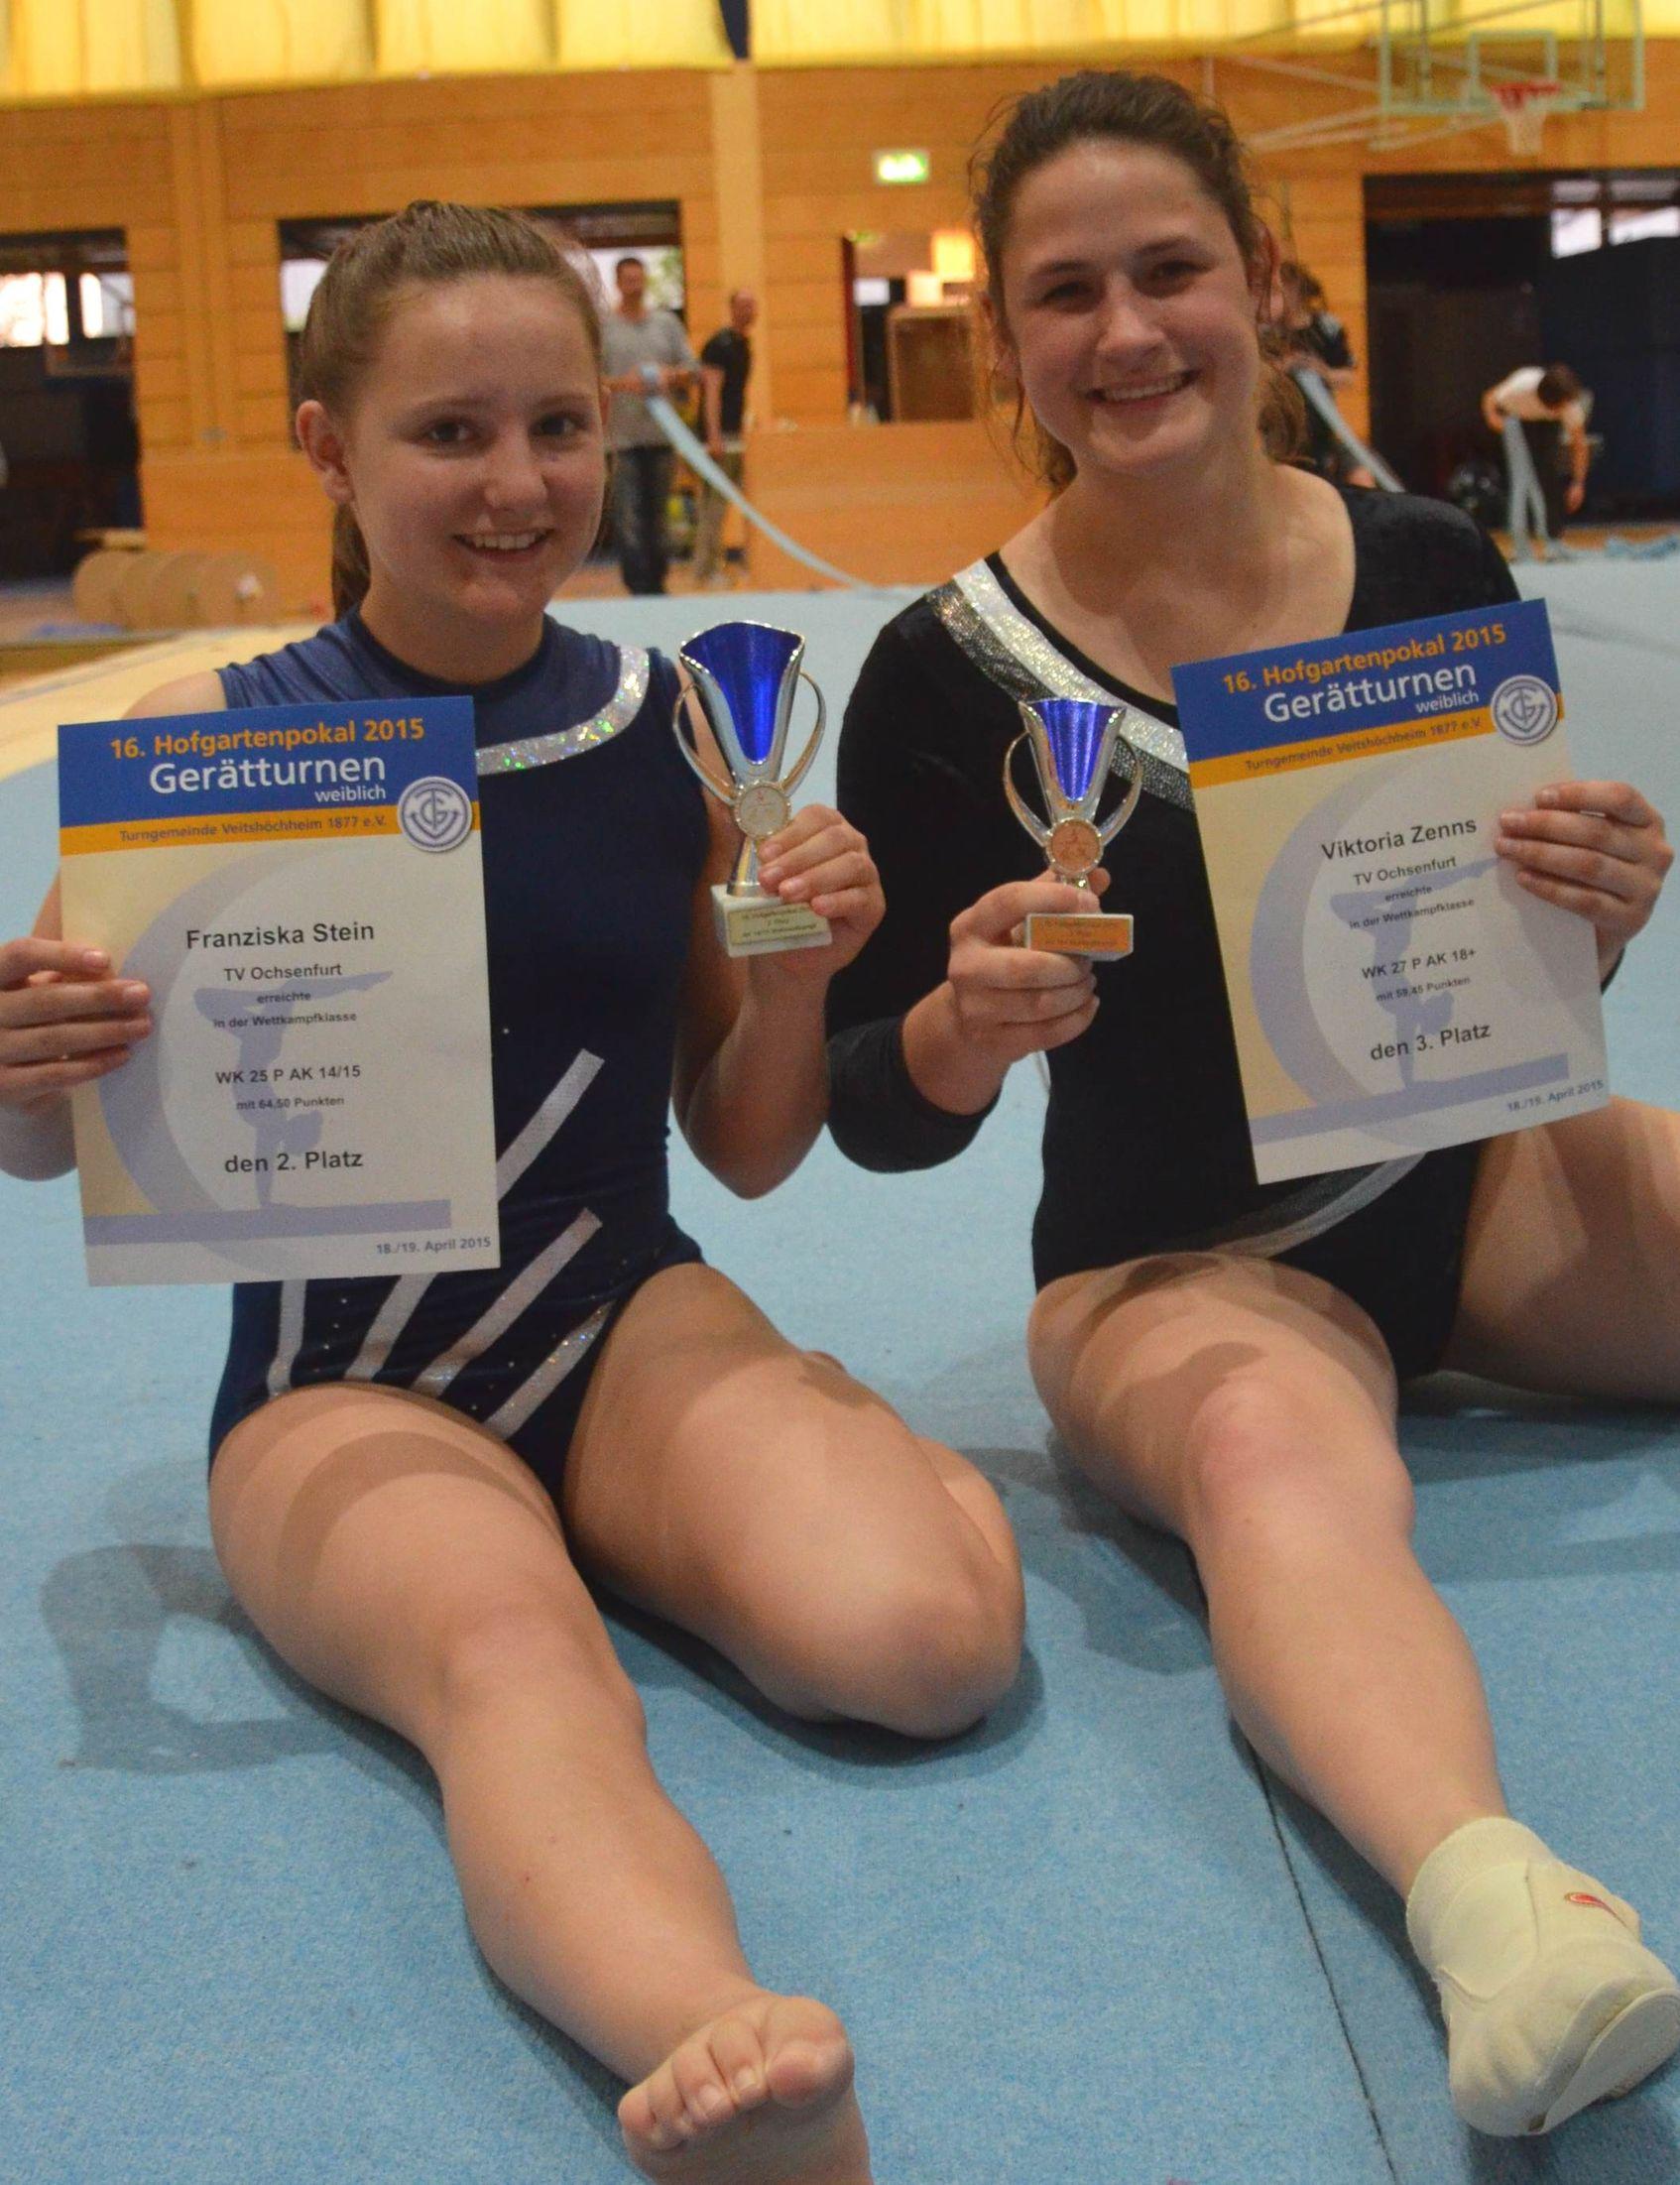 Franziska Stein und Viktoria Zenns freuen sich über ihre Pokale